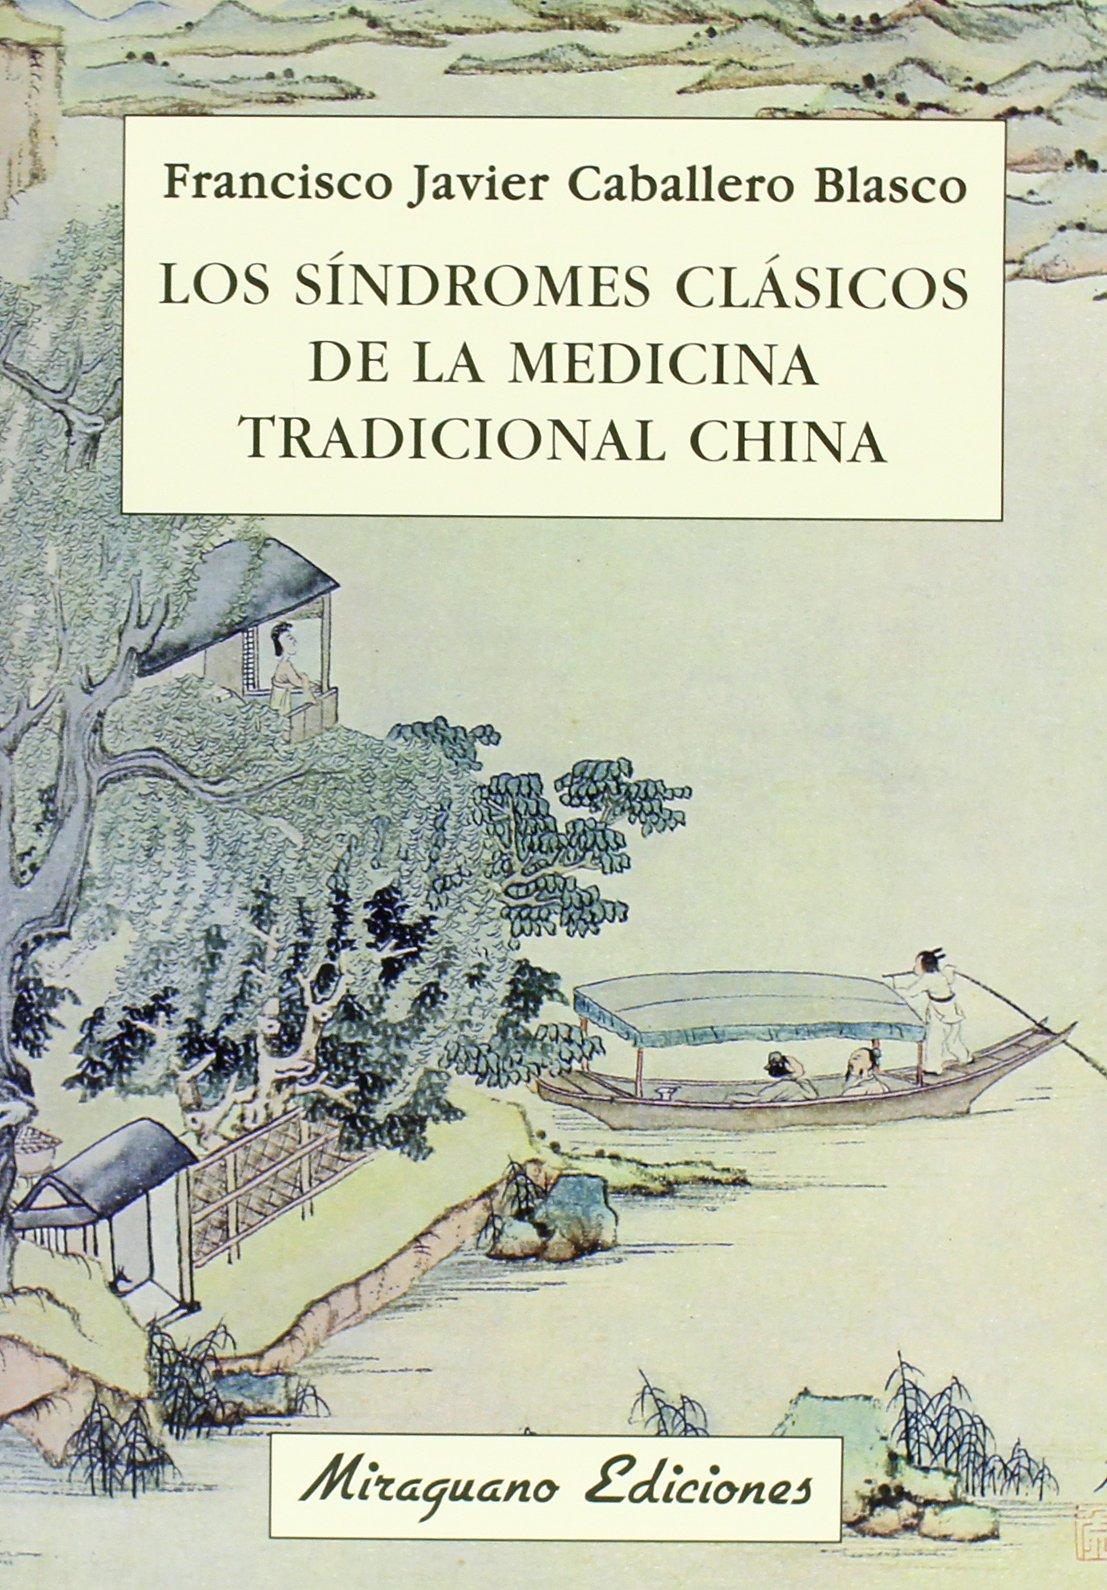 Los síndromes clásicos de la medicina tradicional china ...